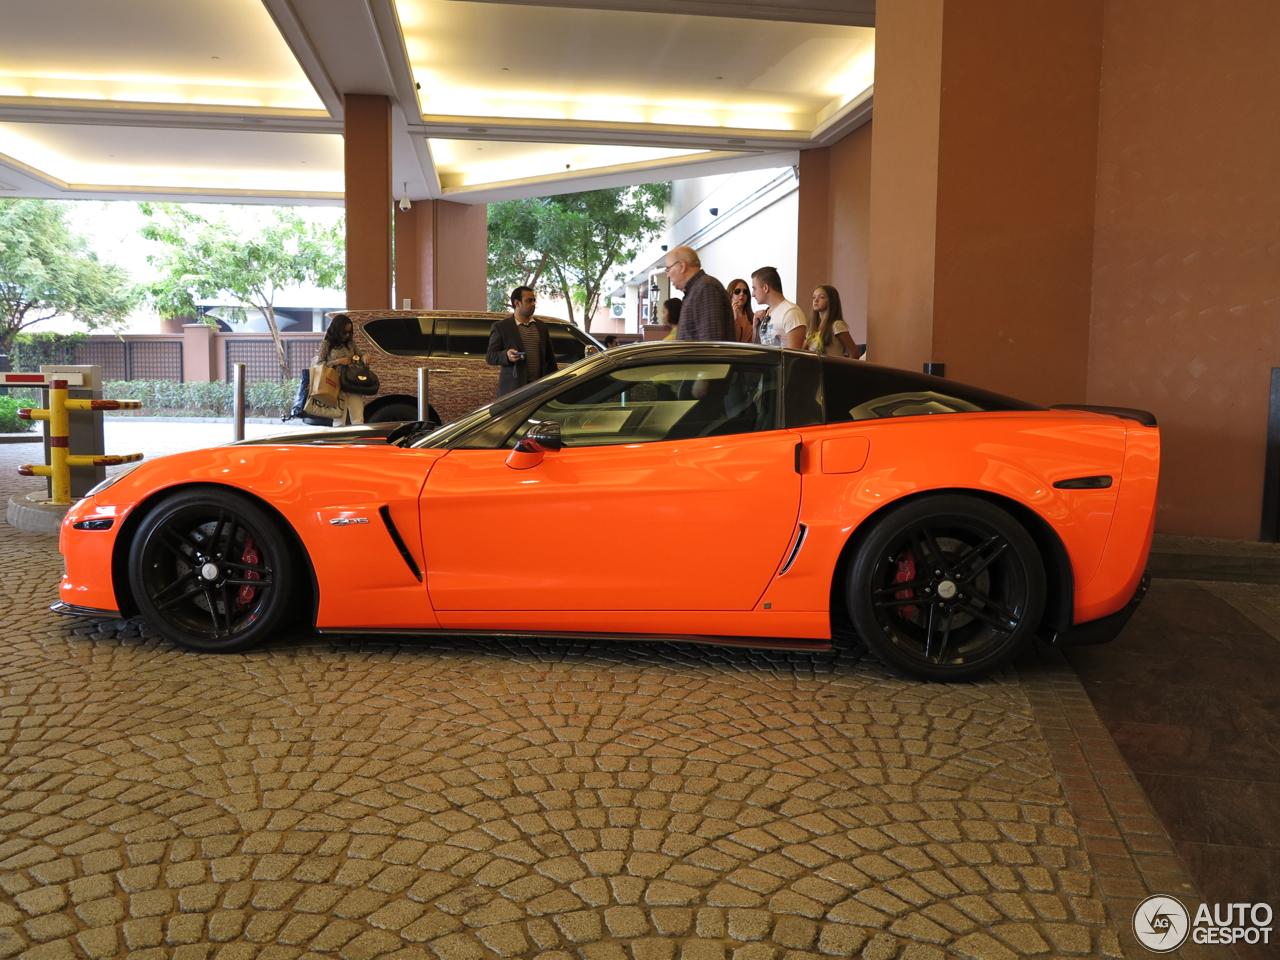 Z06 Corvette For Sale >> Chevrolet Corvette C6 Z06 - 11 February 2013 - Autogespot